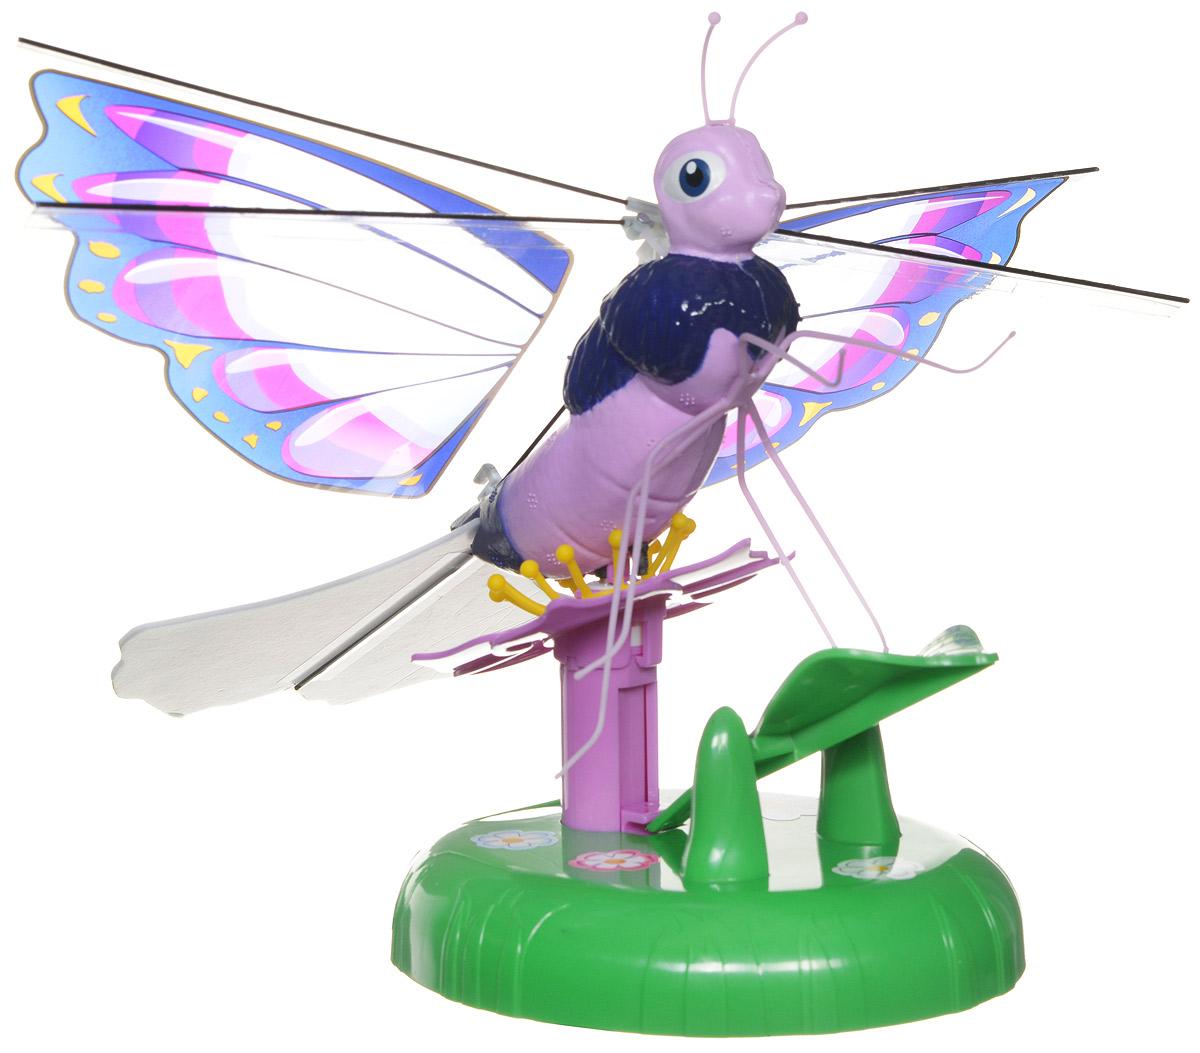 Splash Toys Интерактивная игрушка Летающая бабочка Lila30850_розовый, сиреневыйИнтерактивная игрушка Splash Toys Летающая бабочка Lila приведет в восторг всех девочек! Посадите бабочку на цветок и нажмите на нее, чтобы заставить взлететь. Она полетит по кругу, постепенно поднимаясь, а когда она начнет снижаться, поднесите под нее руку - бабочка отреагирует на руку и снова взлетит. Красочная бабочка летает по окружности на высоте 2 метров. Выполнена из качественных и безопасных материалов. Порадуйте свою дочурку таким замечательным подарком! Необходимо купить 4 батарейки типа АА (не входят в комплект).